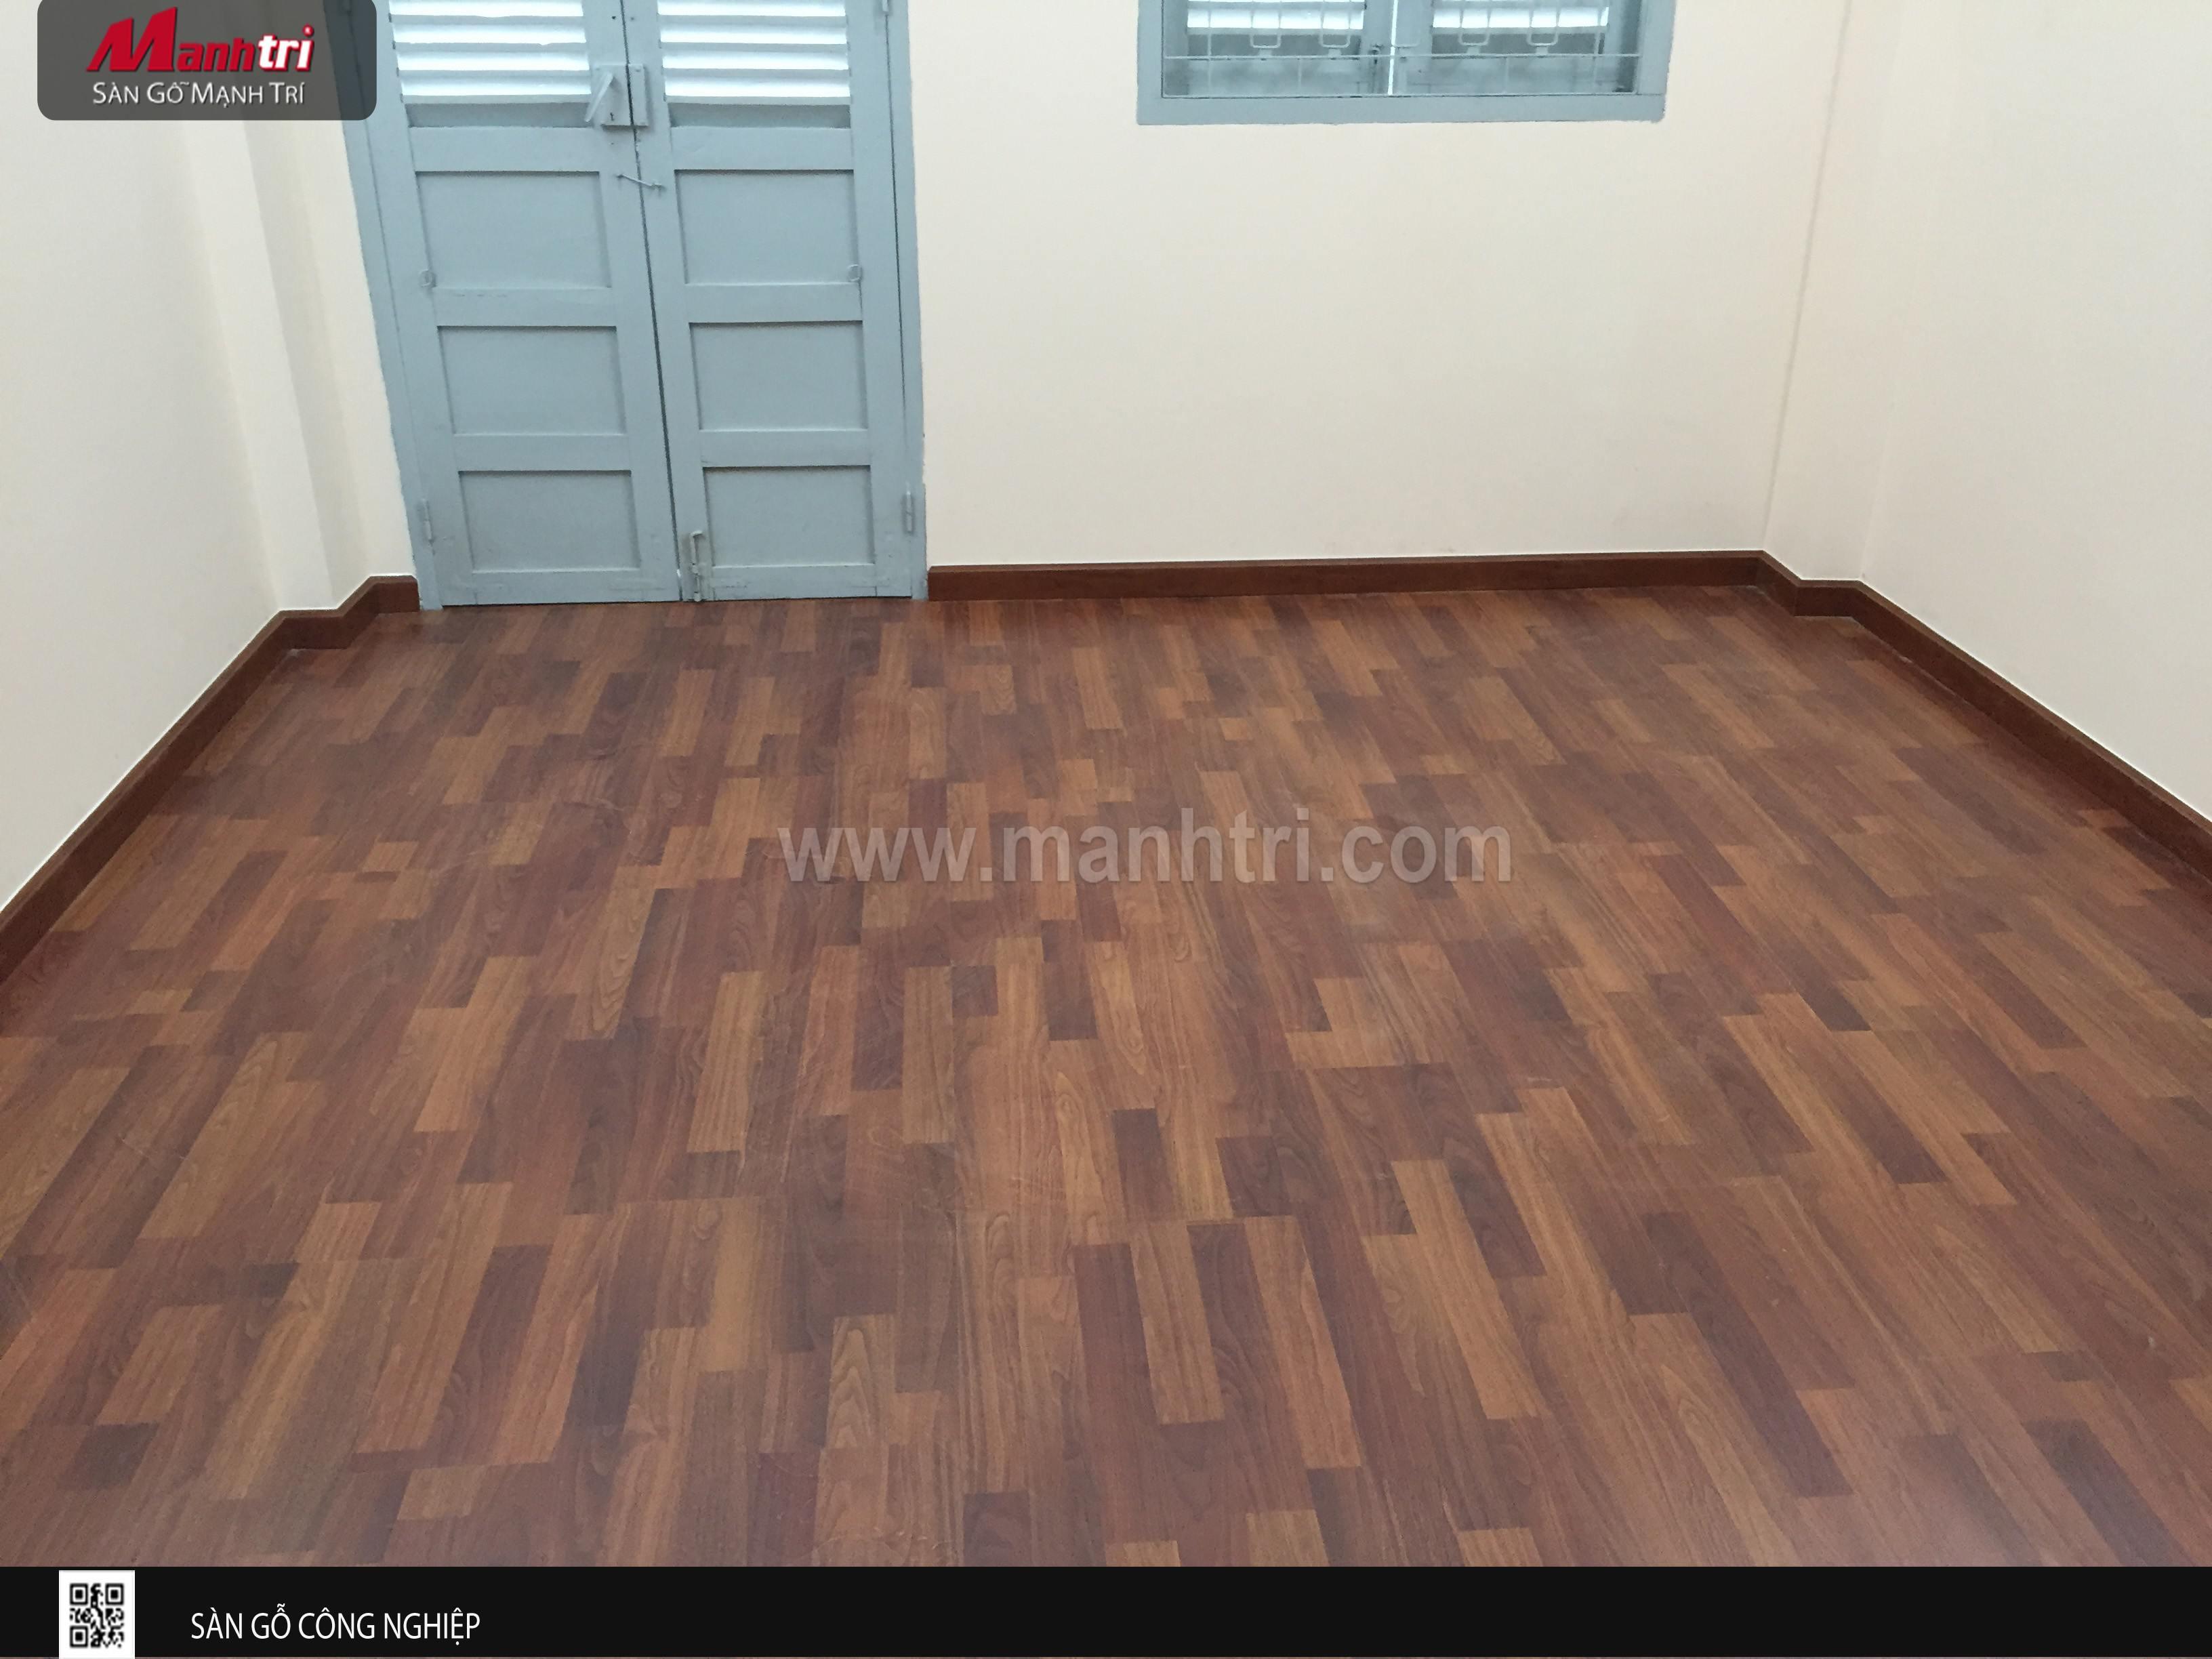 Bắt kịp xu hướng trang trí nội thất hiện đại với Sàn gỗ công nghiệp